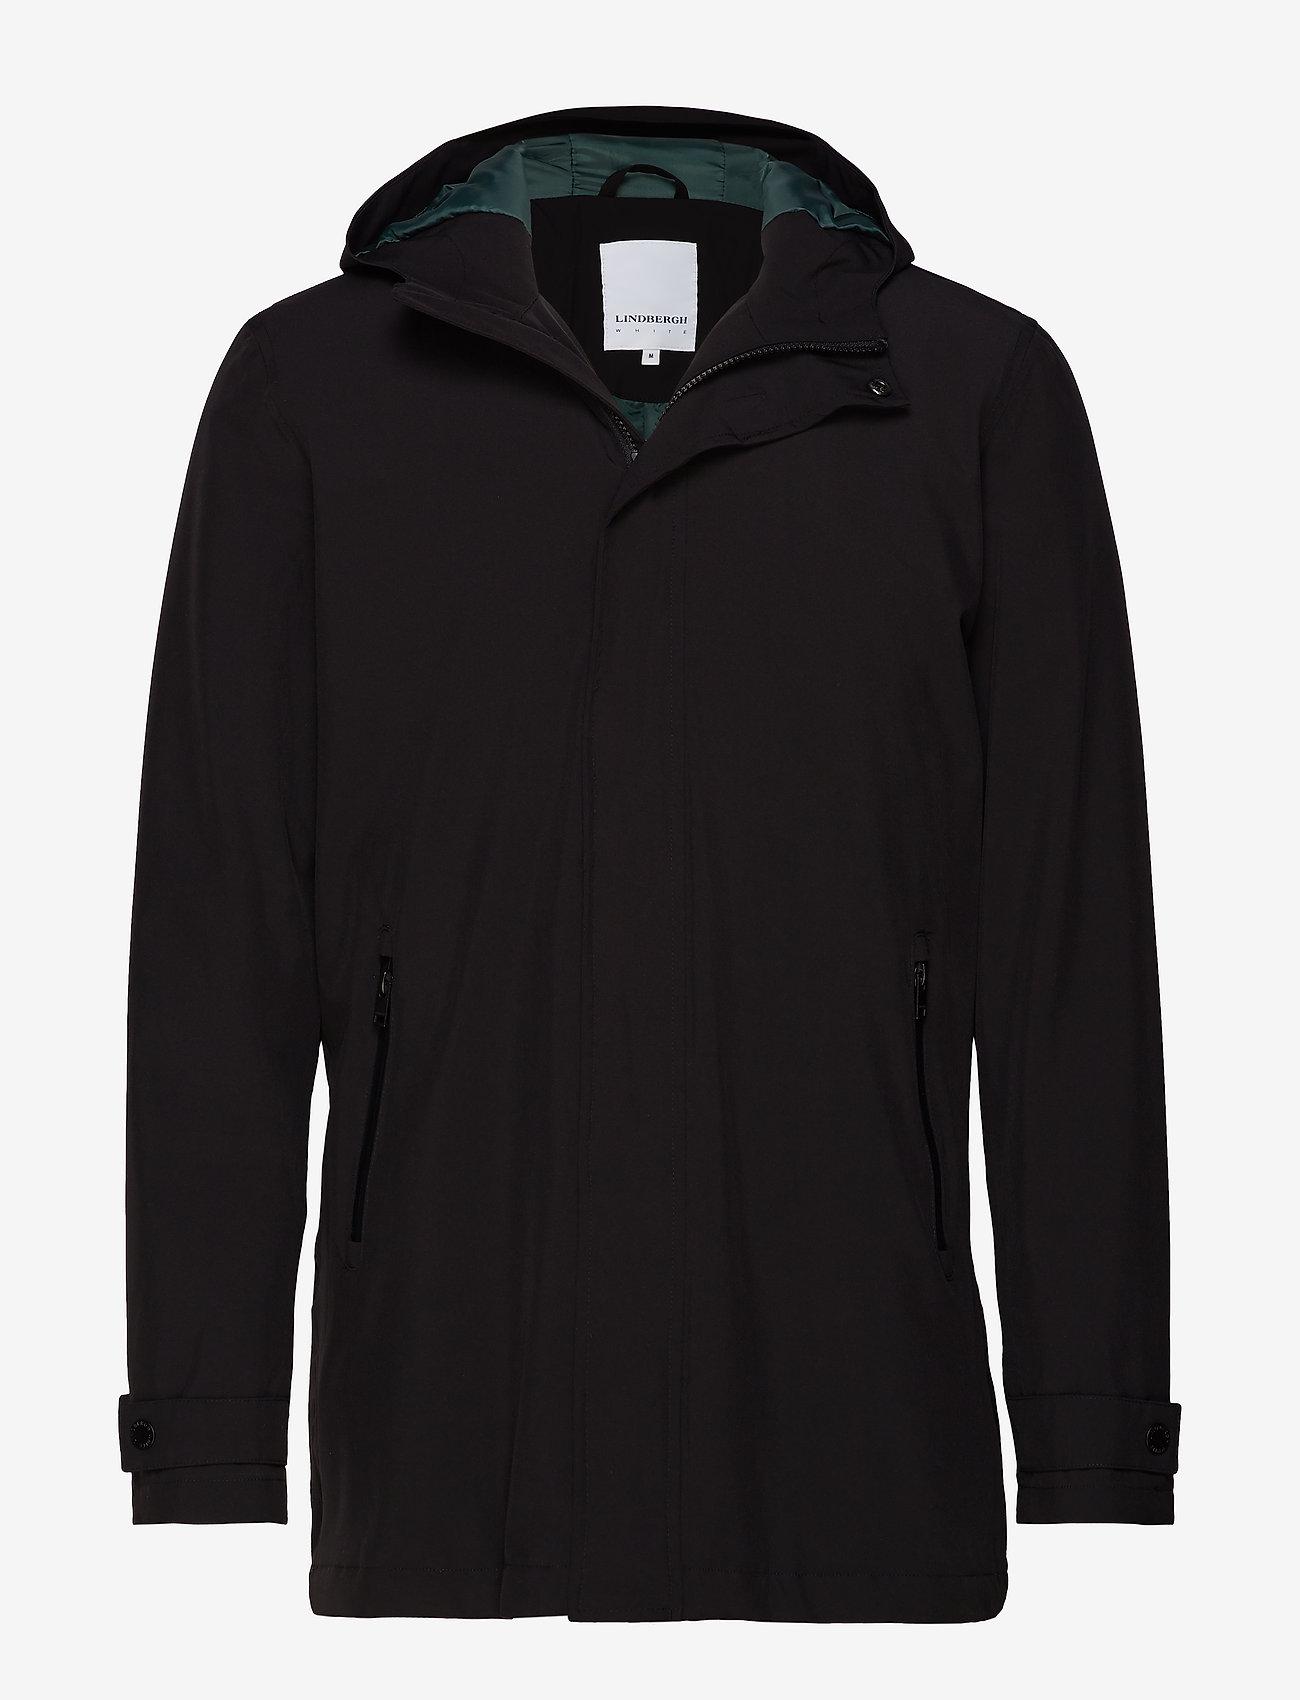 Lindbergh - Functional coat - manteaux legères - black - 1